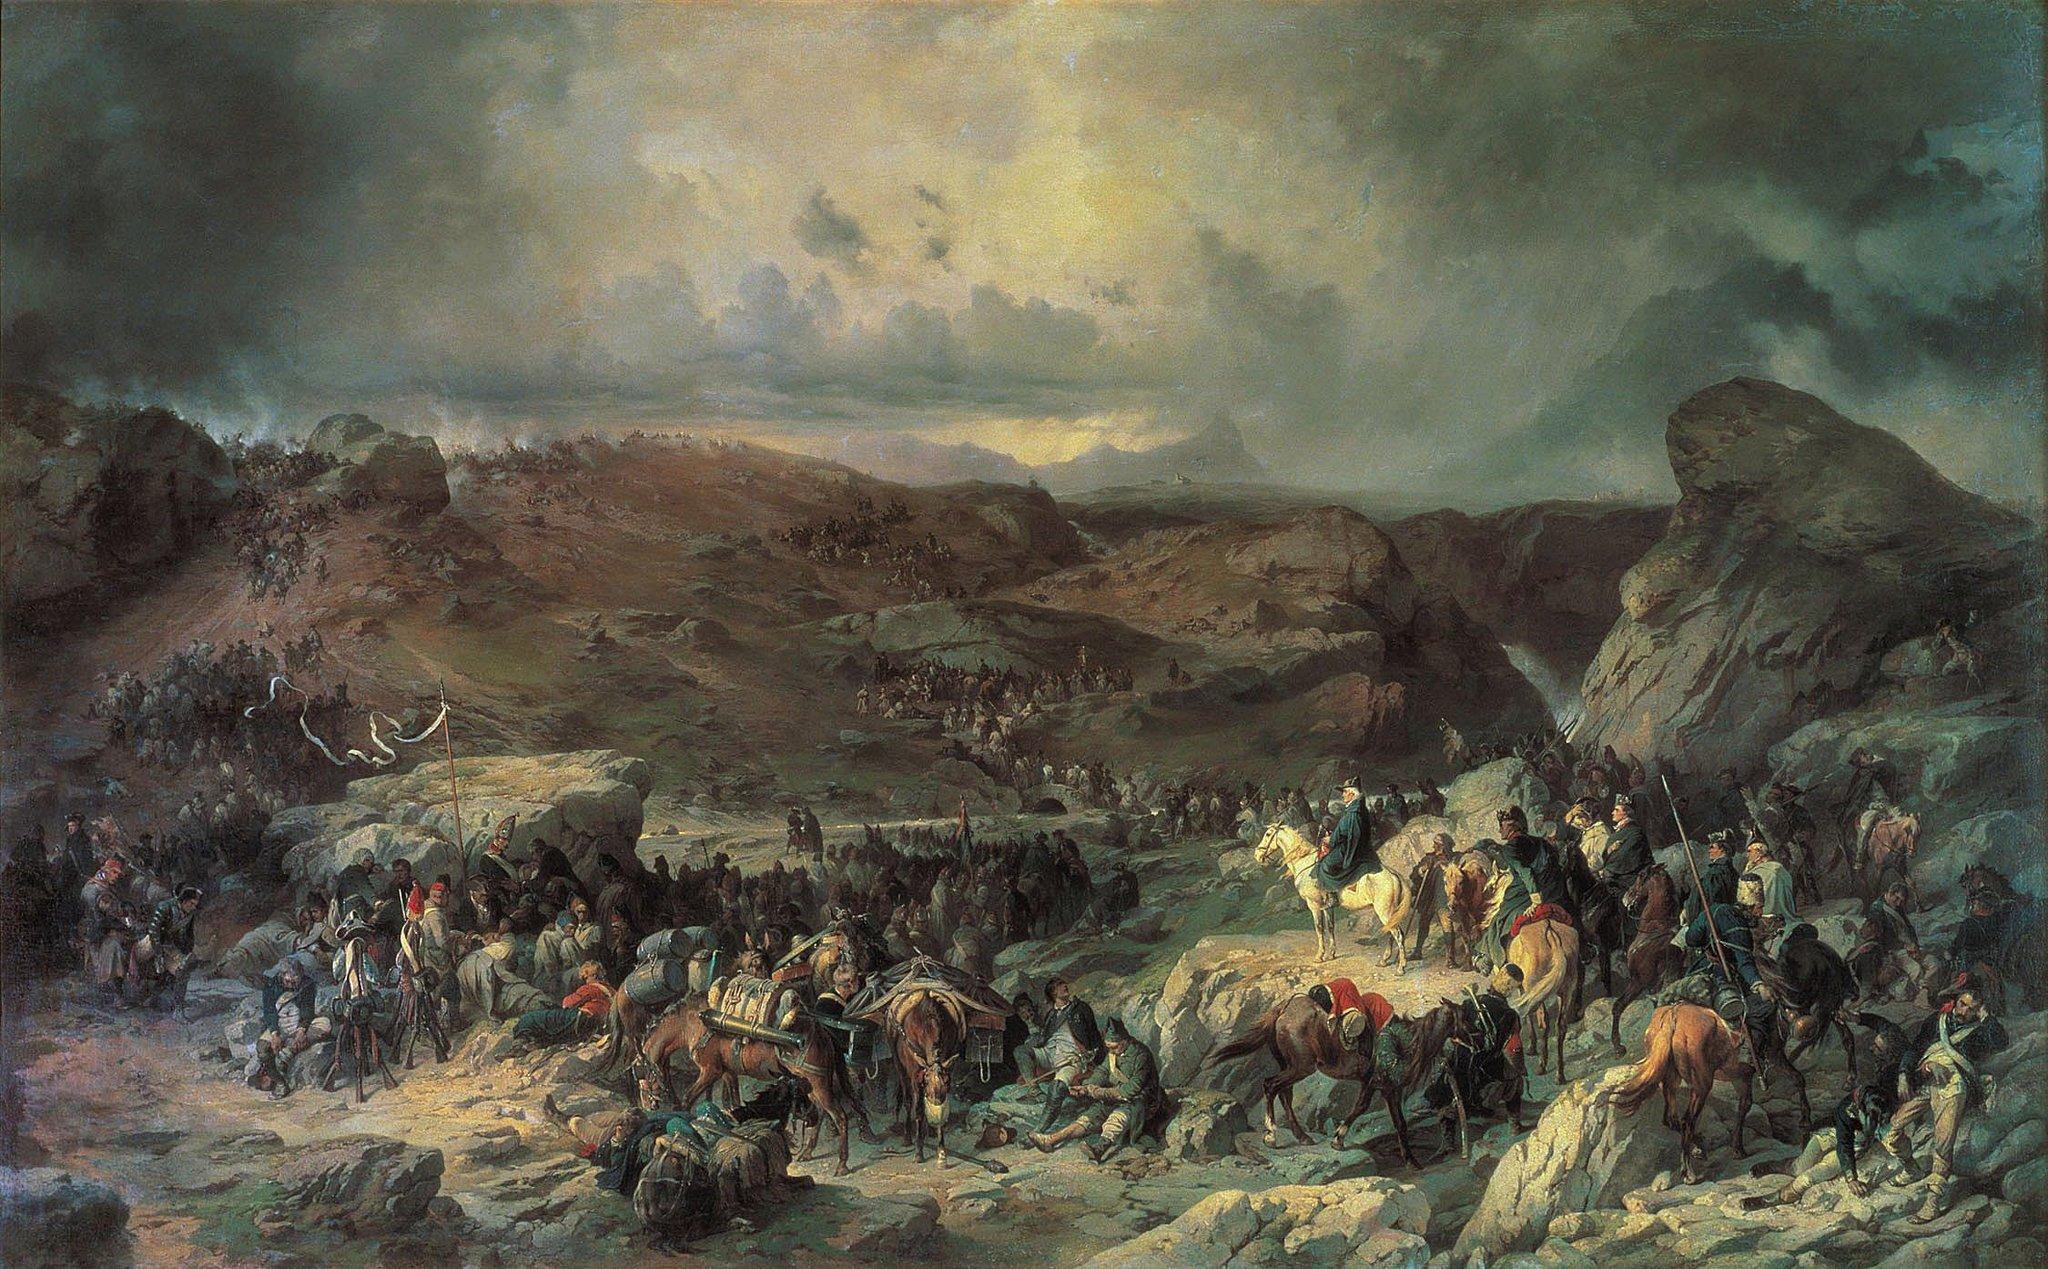 Александр Коцебу. Переход войск Суворова через Сен-Готард в 1799 году. 1858